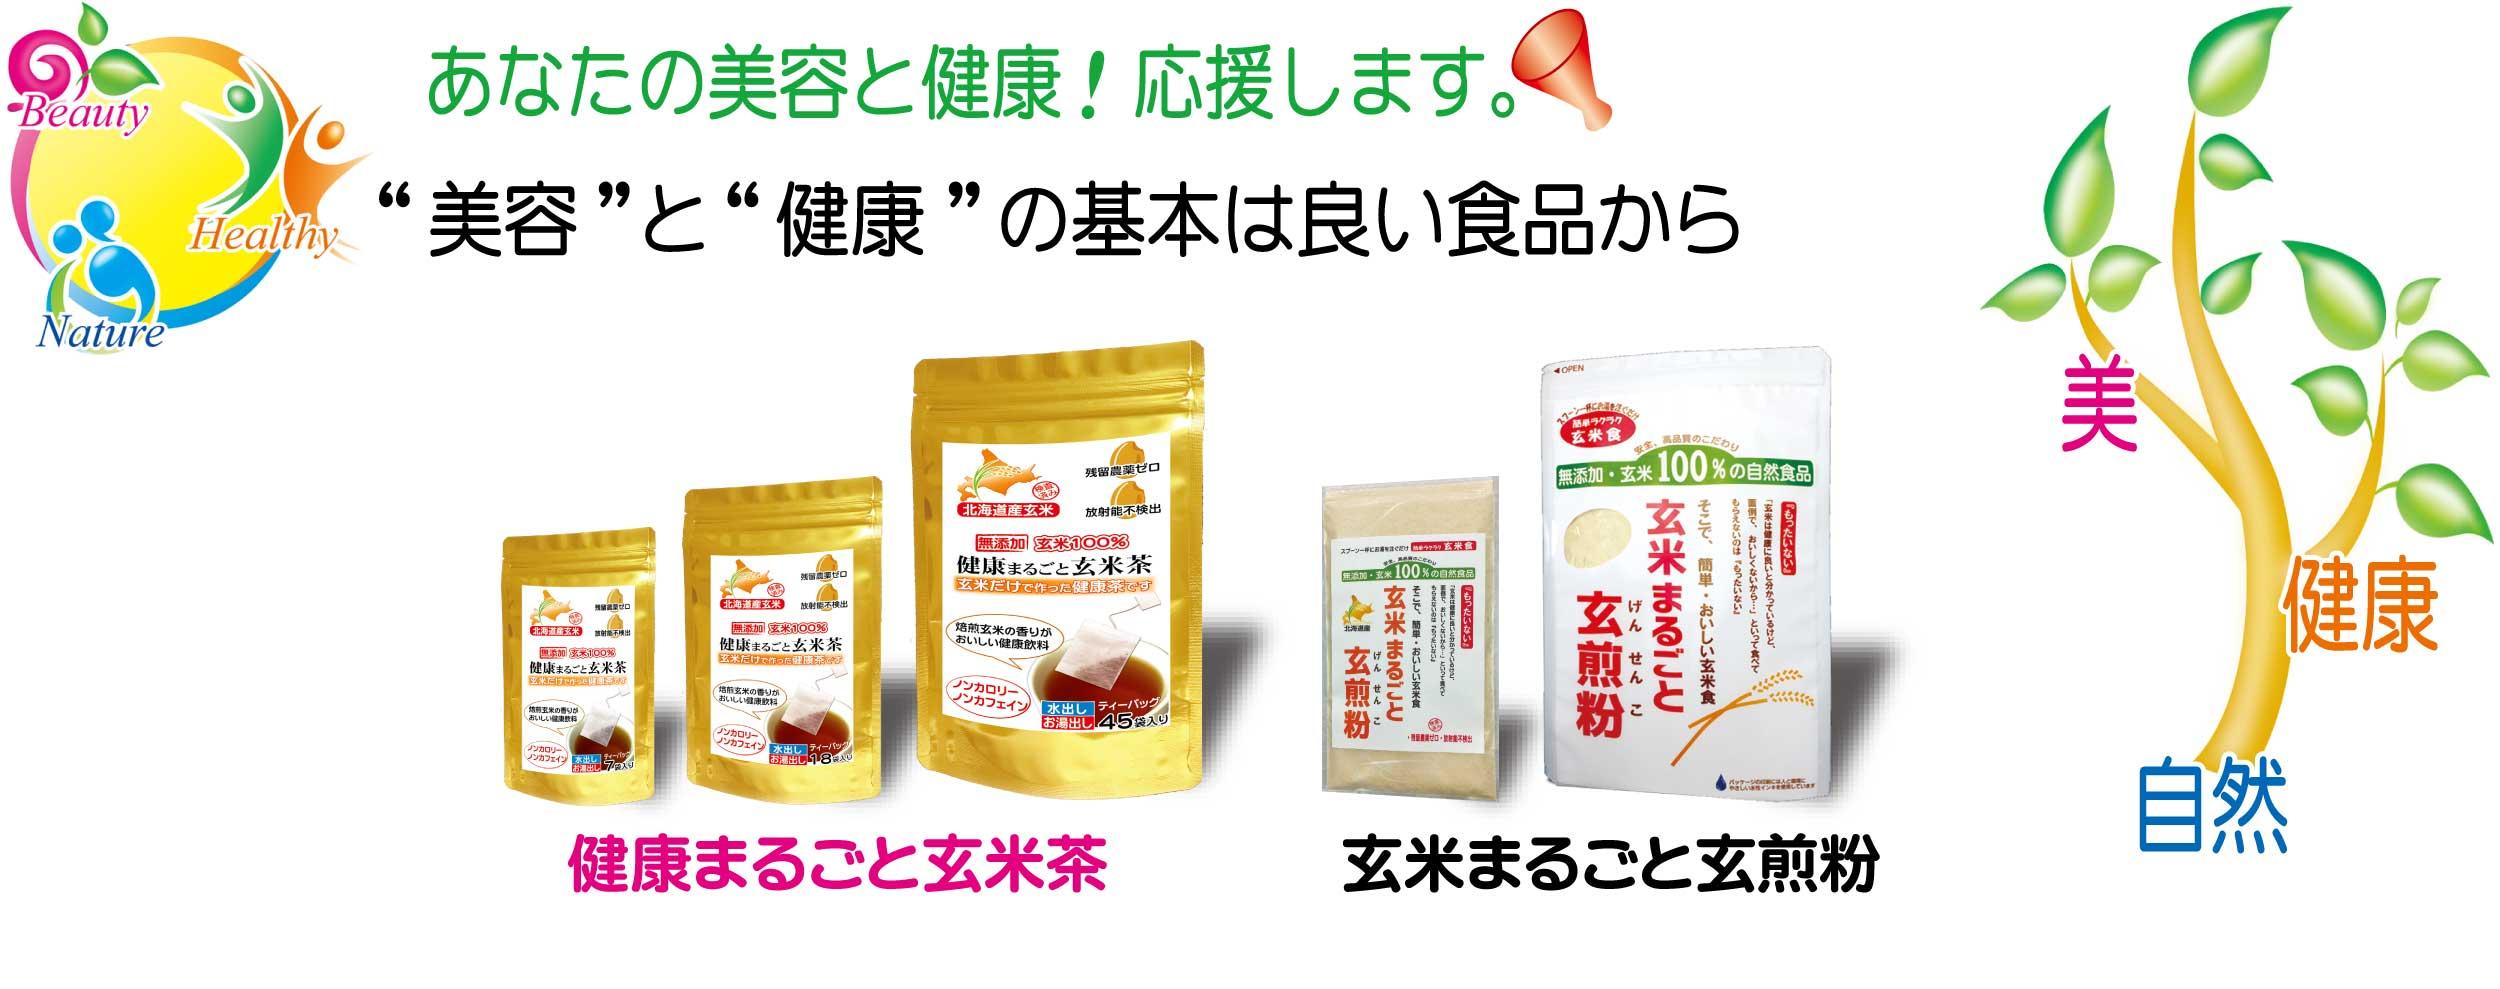 あなたの美容と健康、応援します。健康玄米茶、玄米まるごと玄煎粉。